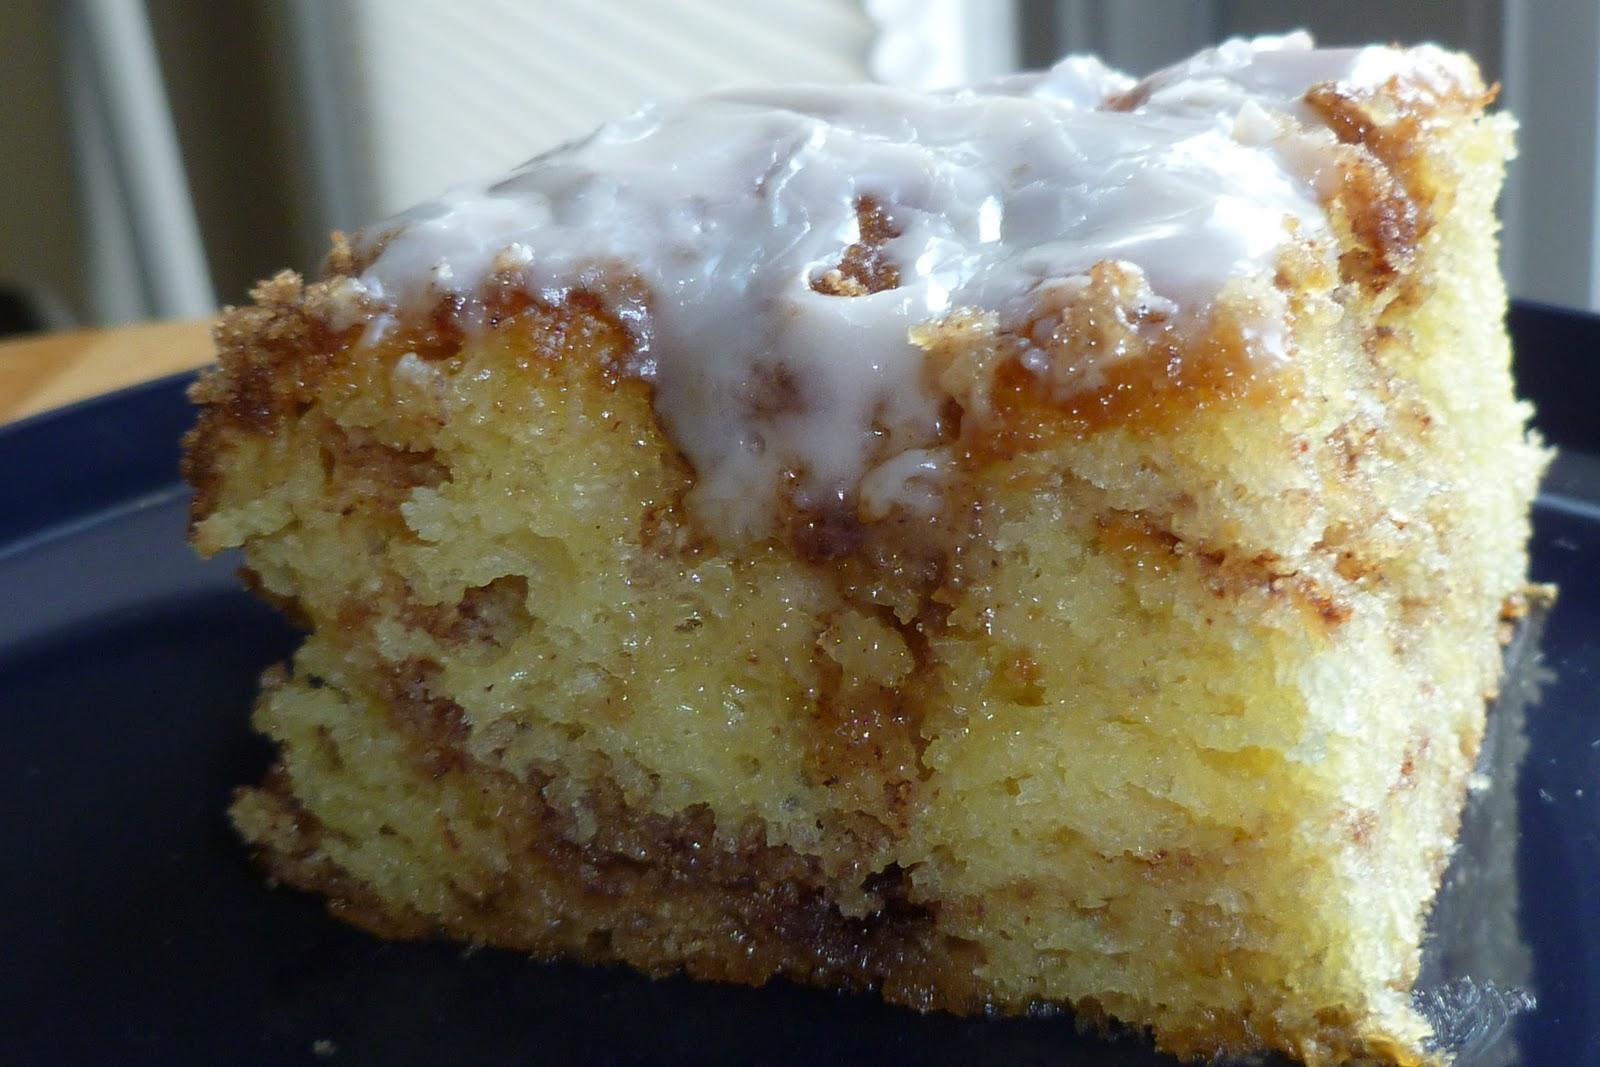 Honey Bun Cake Recipe From Scratch